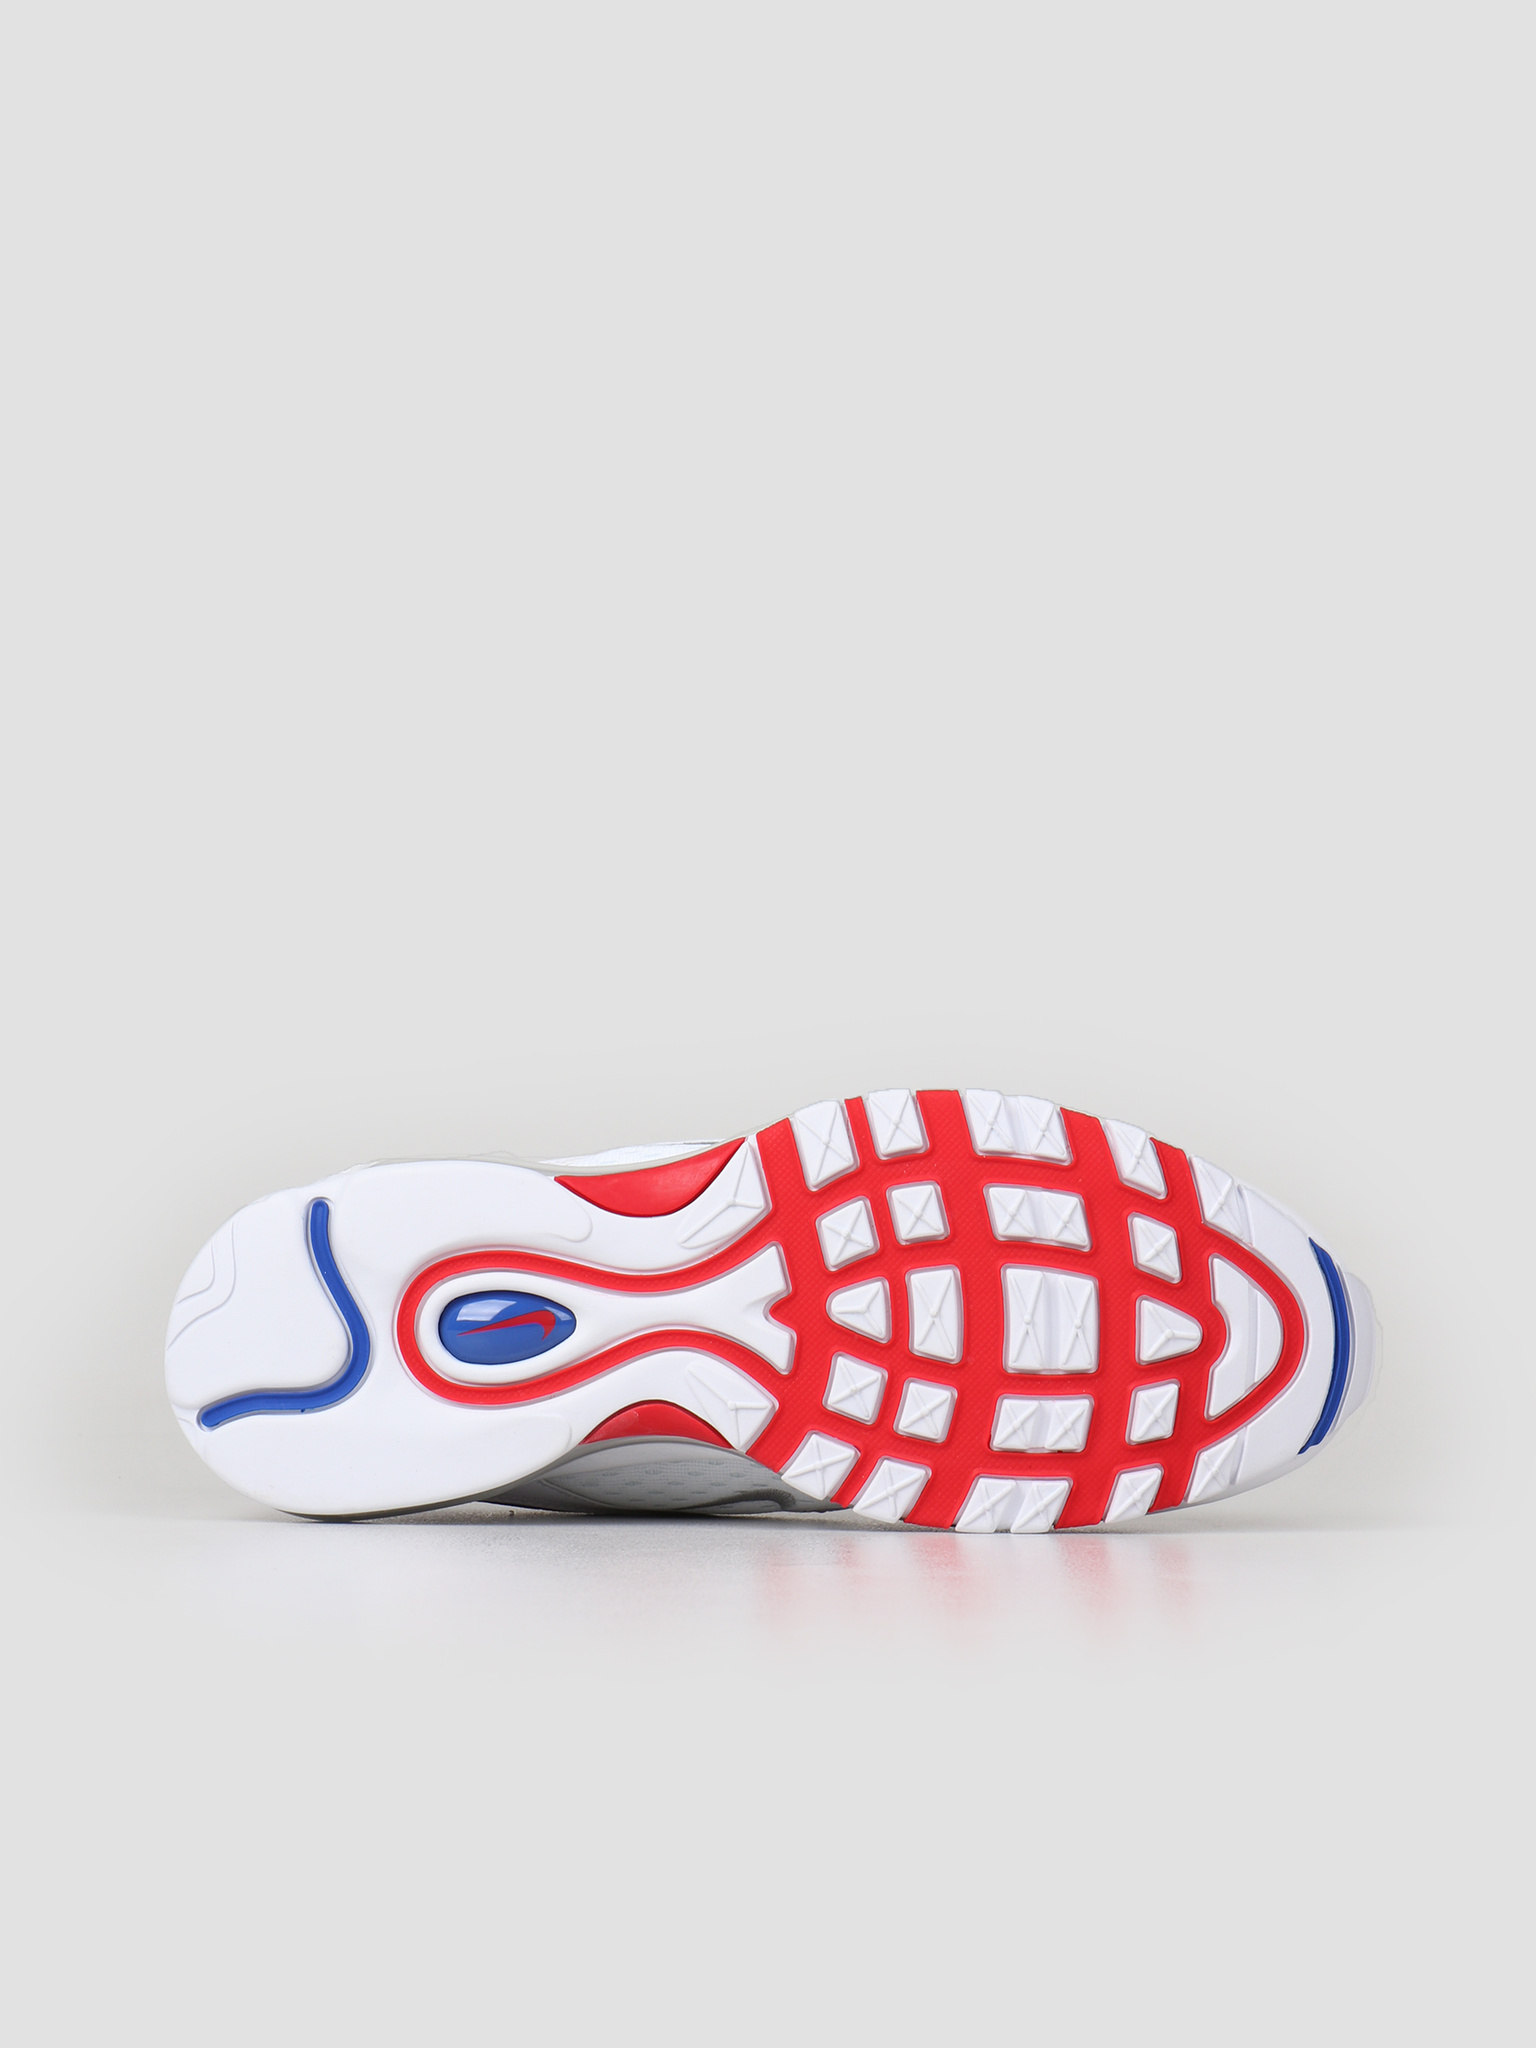 Nike Nike Air Max 97 Shoe Game Royal Metallic Silver 921826-404